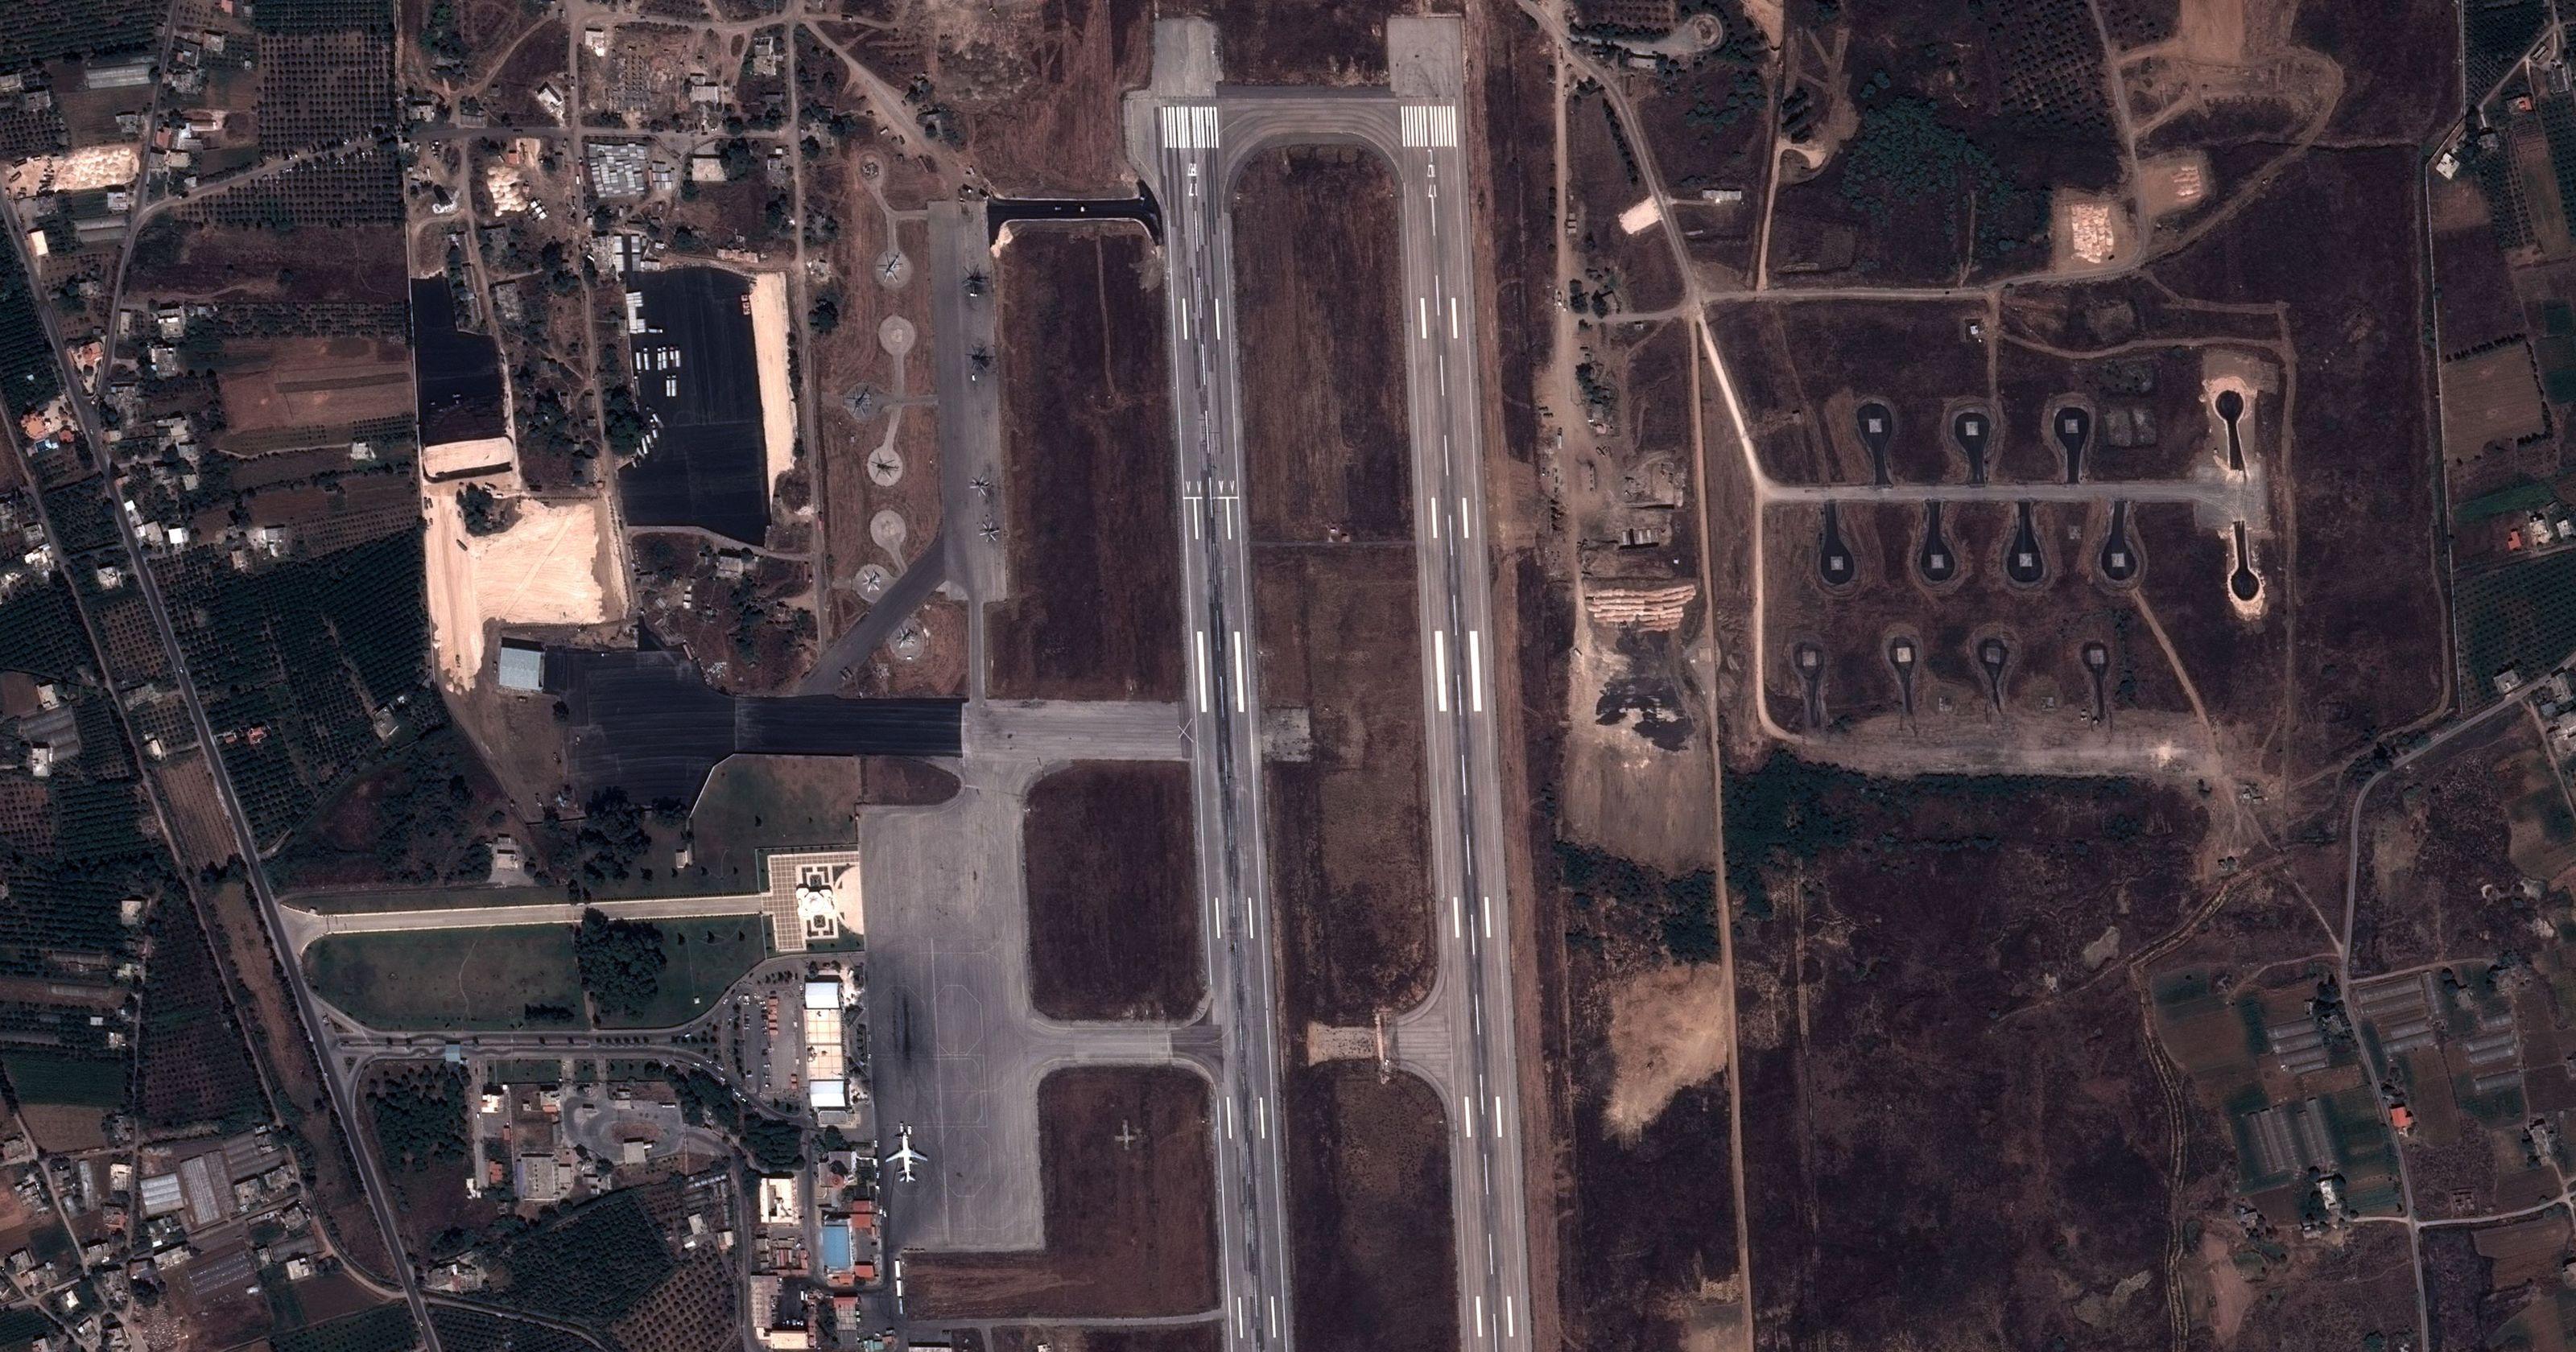 Syrie - Aéroport Lattaquié - Aménagements et travaux avant arrivée des avions russes - Pléiades - Pleiades - satellites